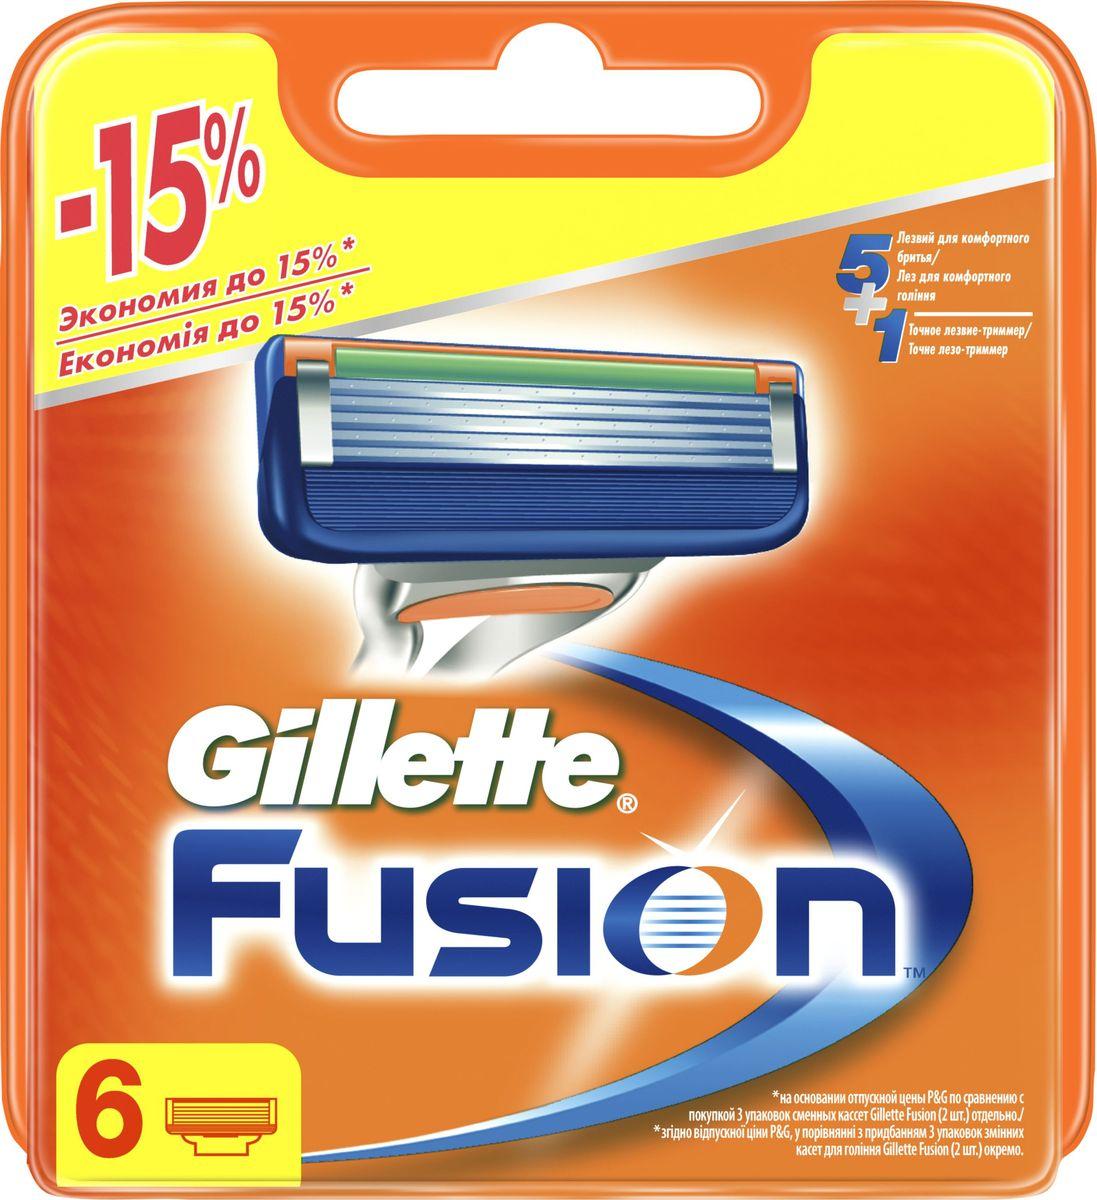 Gillette Fusion Сменные кассеты для мужской бритвы, 6 штGIL-81658791Каждая из сменных кассет для бритвы Gillette Fusion имеет 5 точных лезвий, расположенных ближе друг к другу (в сравнении с Mach 3), для бритья с невероятным комфортом и меньшим раздражением. На обратной стороне каждой кассеты есть точный триммер, помогающий придавать четкий контур в труднодоступных местах, в том числе на бакенбардах и участках кожи над верхней губой. Одной сменной кассеты хватает на один месяц бритья. Эти сменные кассеты Fusion подходят к любой ручке бритвы Fusion.